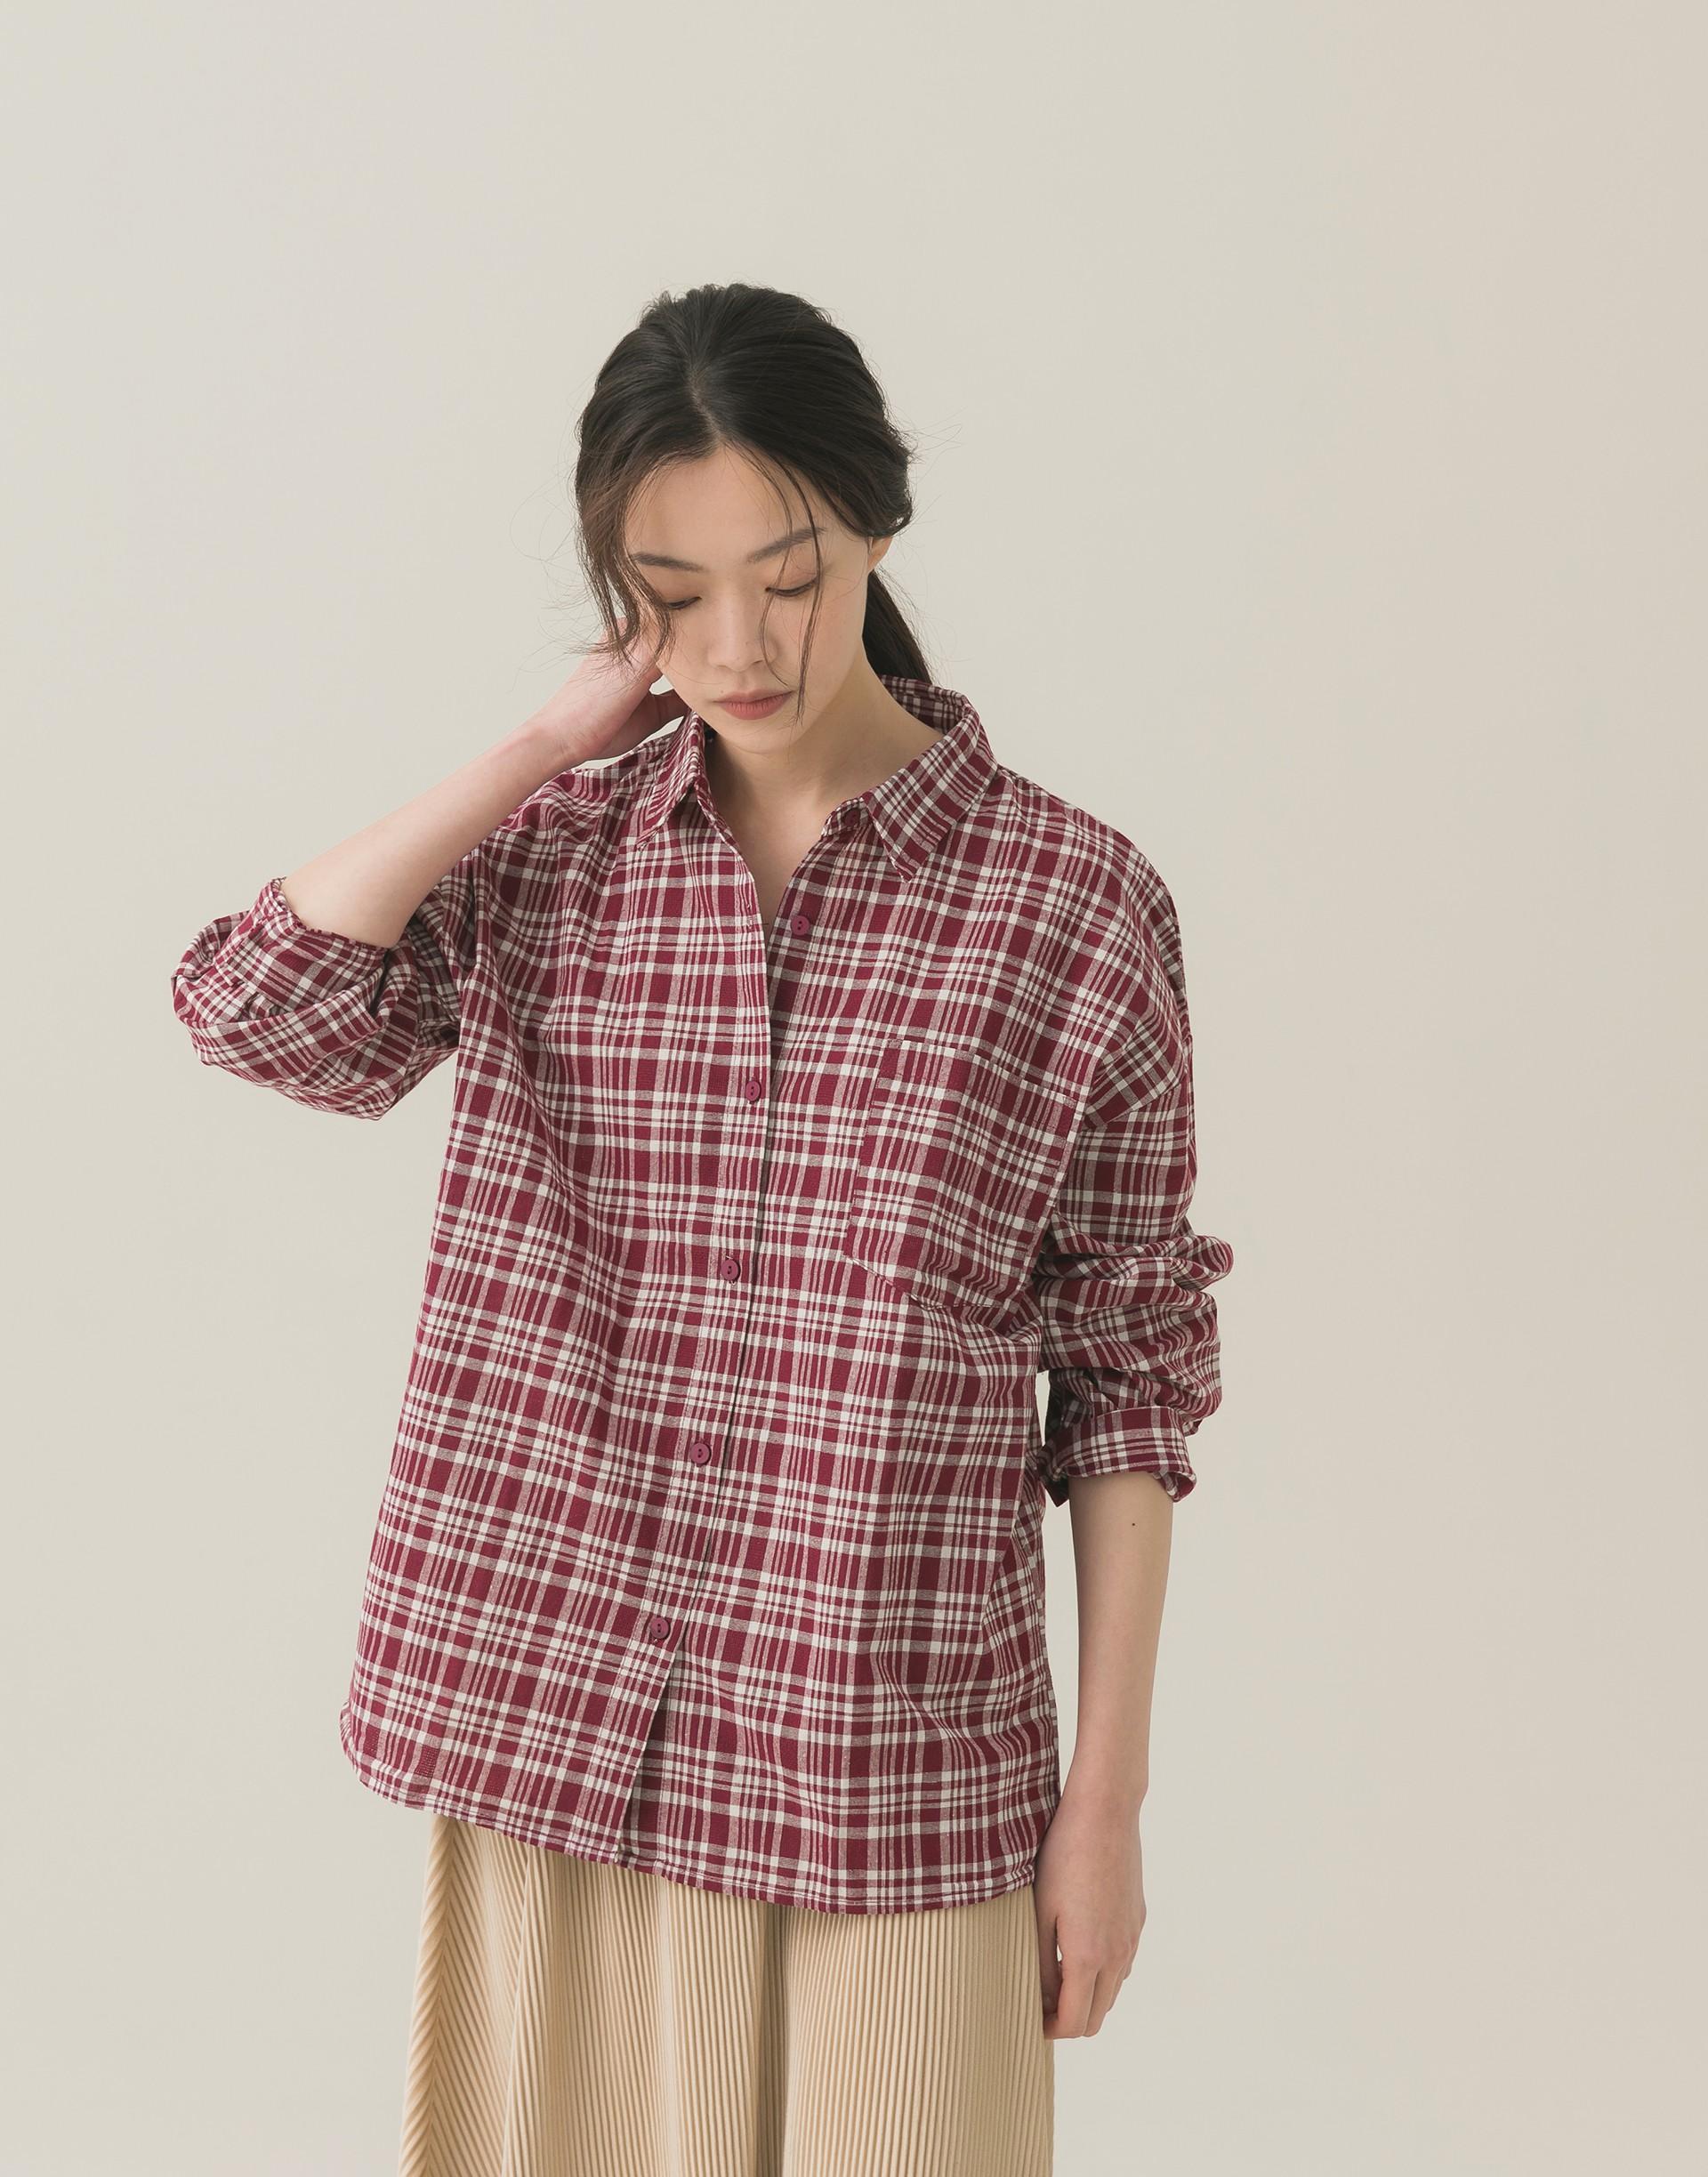 單口袋格紋休閒襯衫-女-Genquo